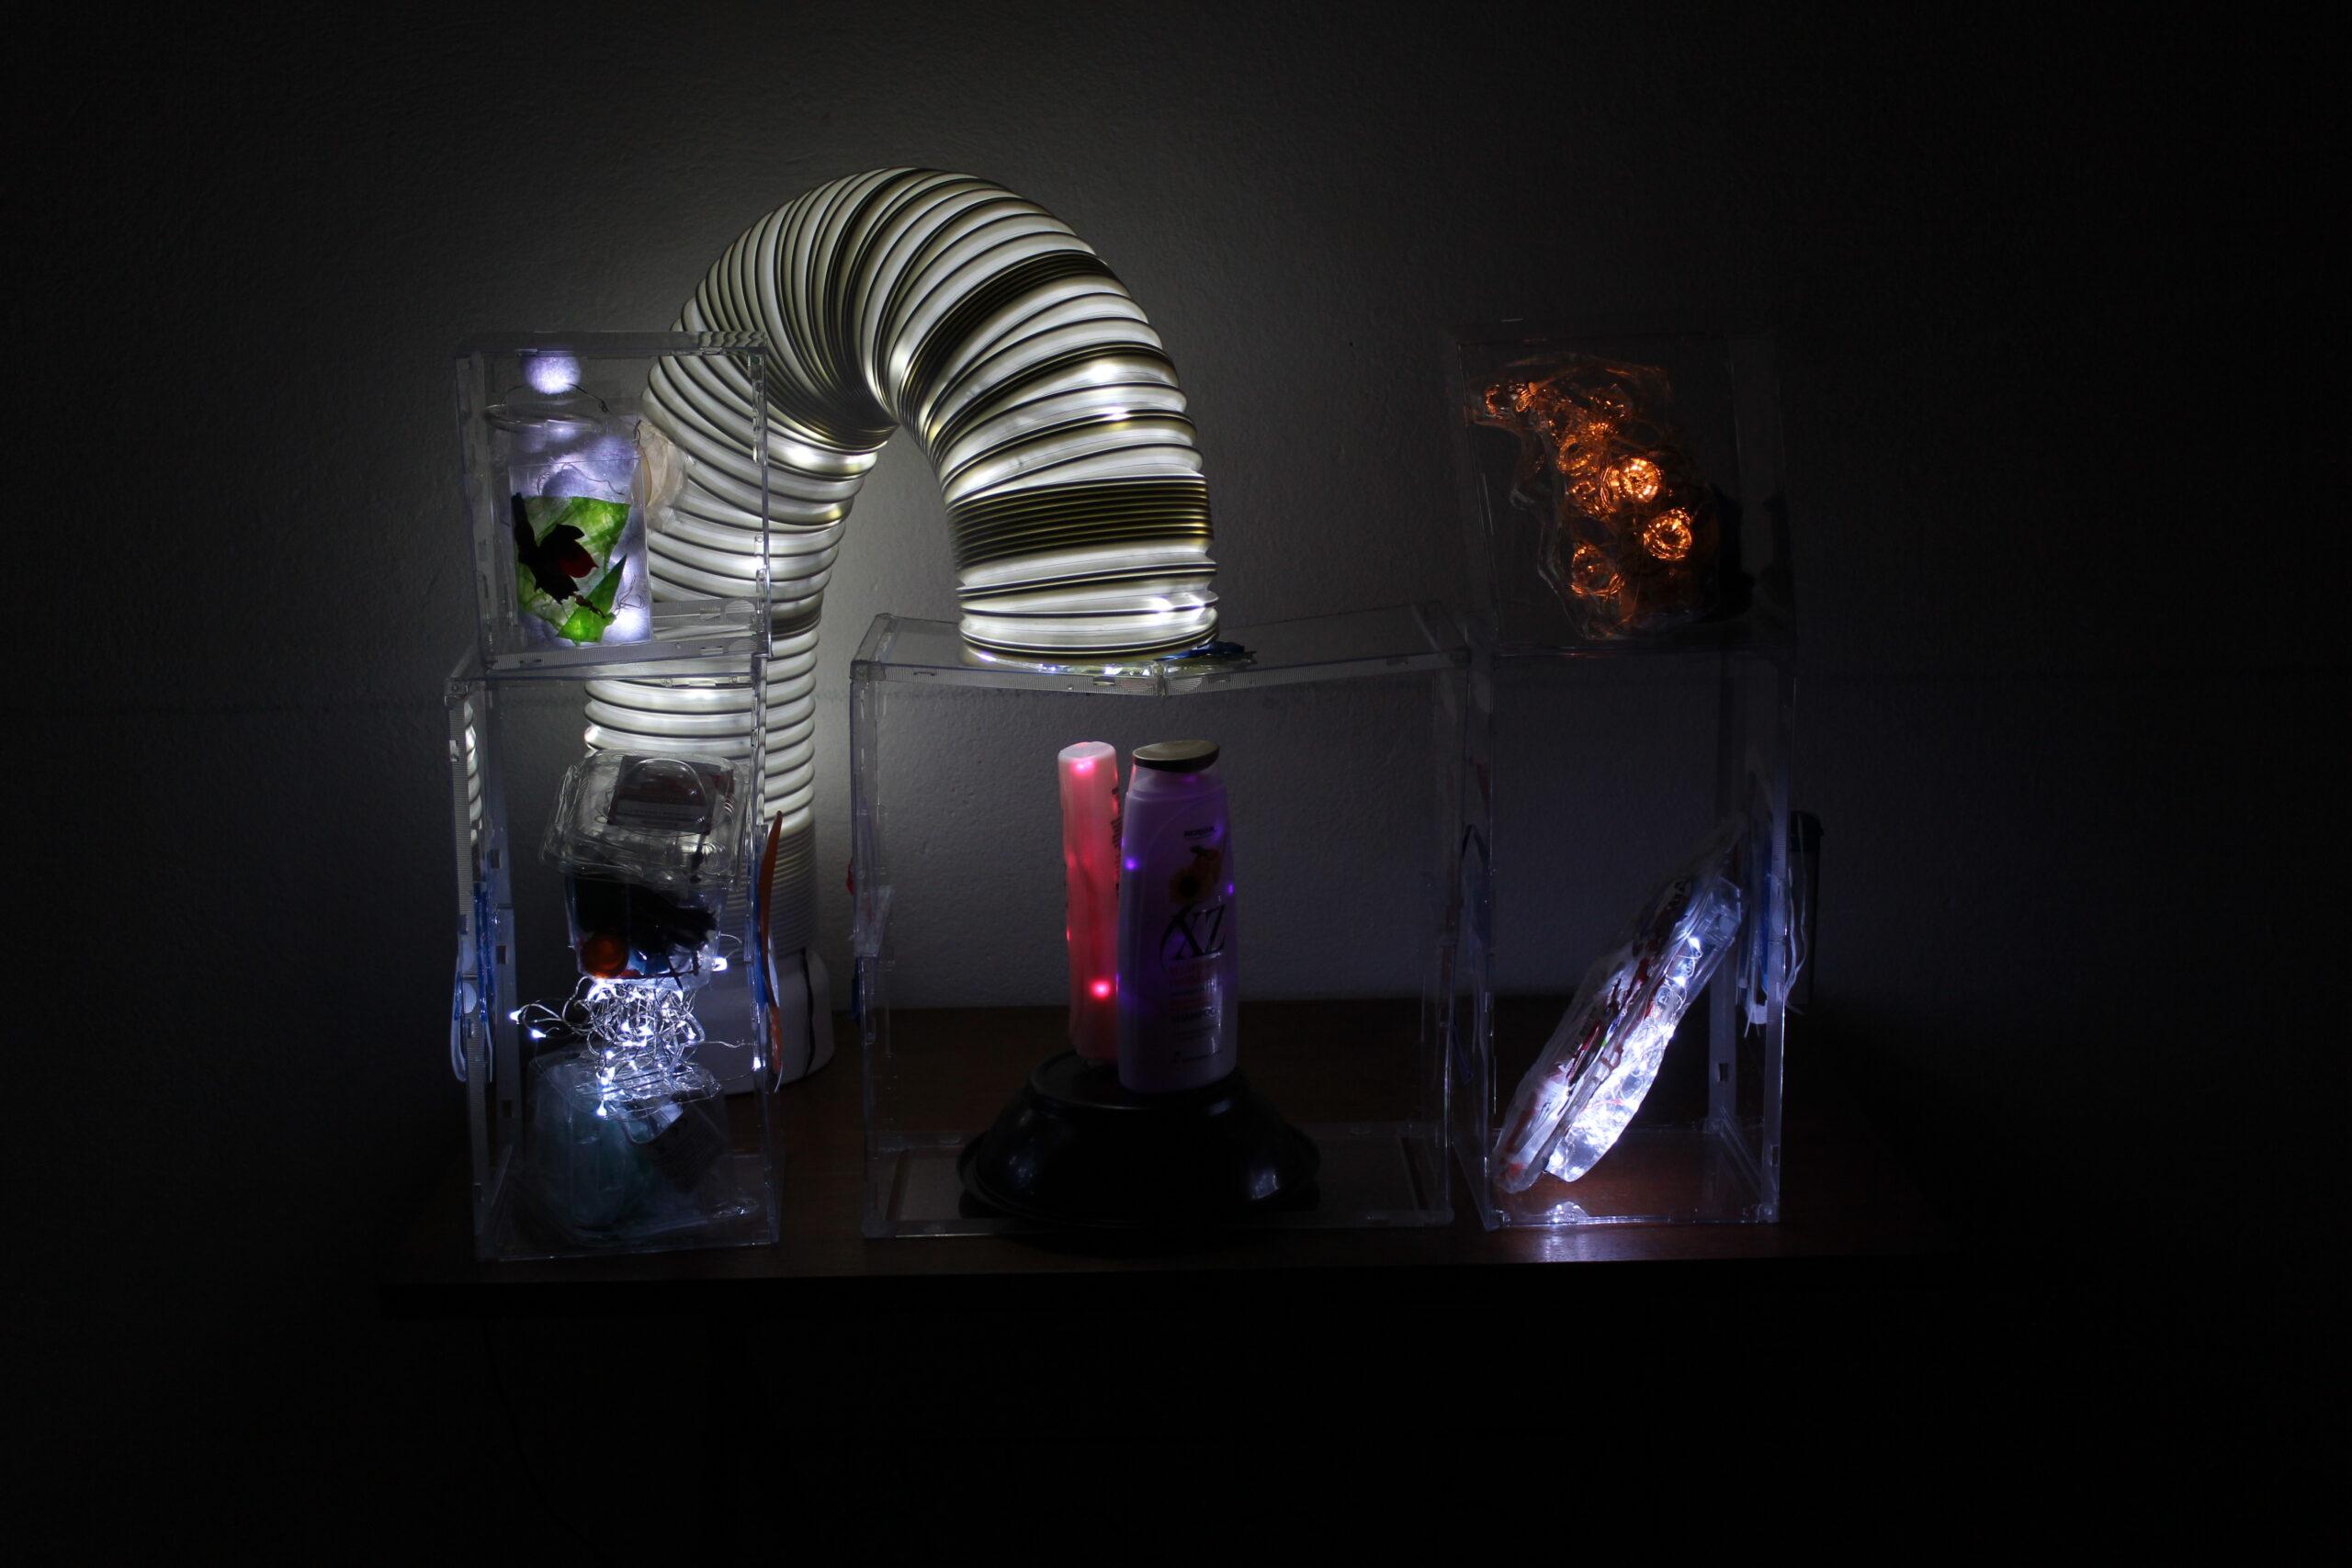 Veistos, joka on tehny kierrätetystä muoviroskasta ja led-valoista